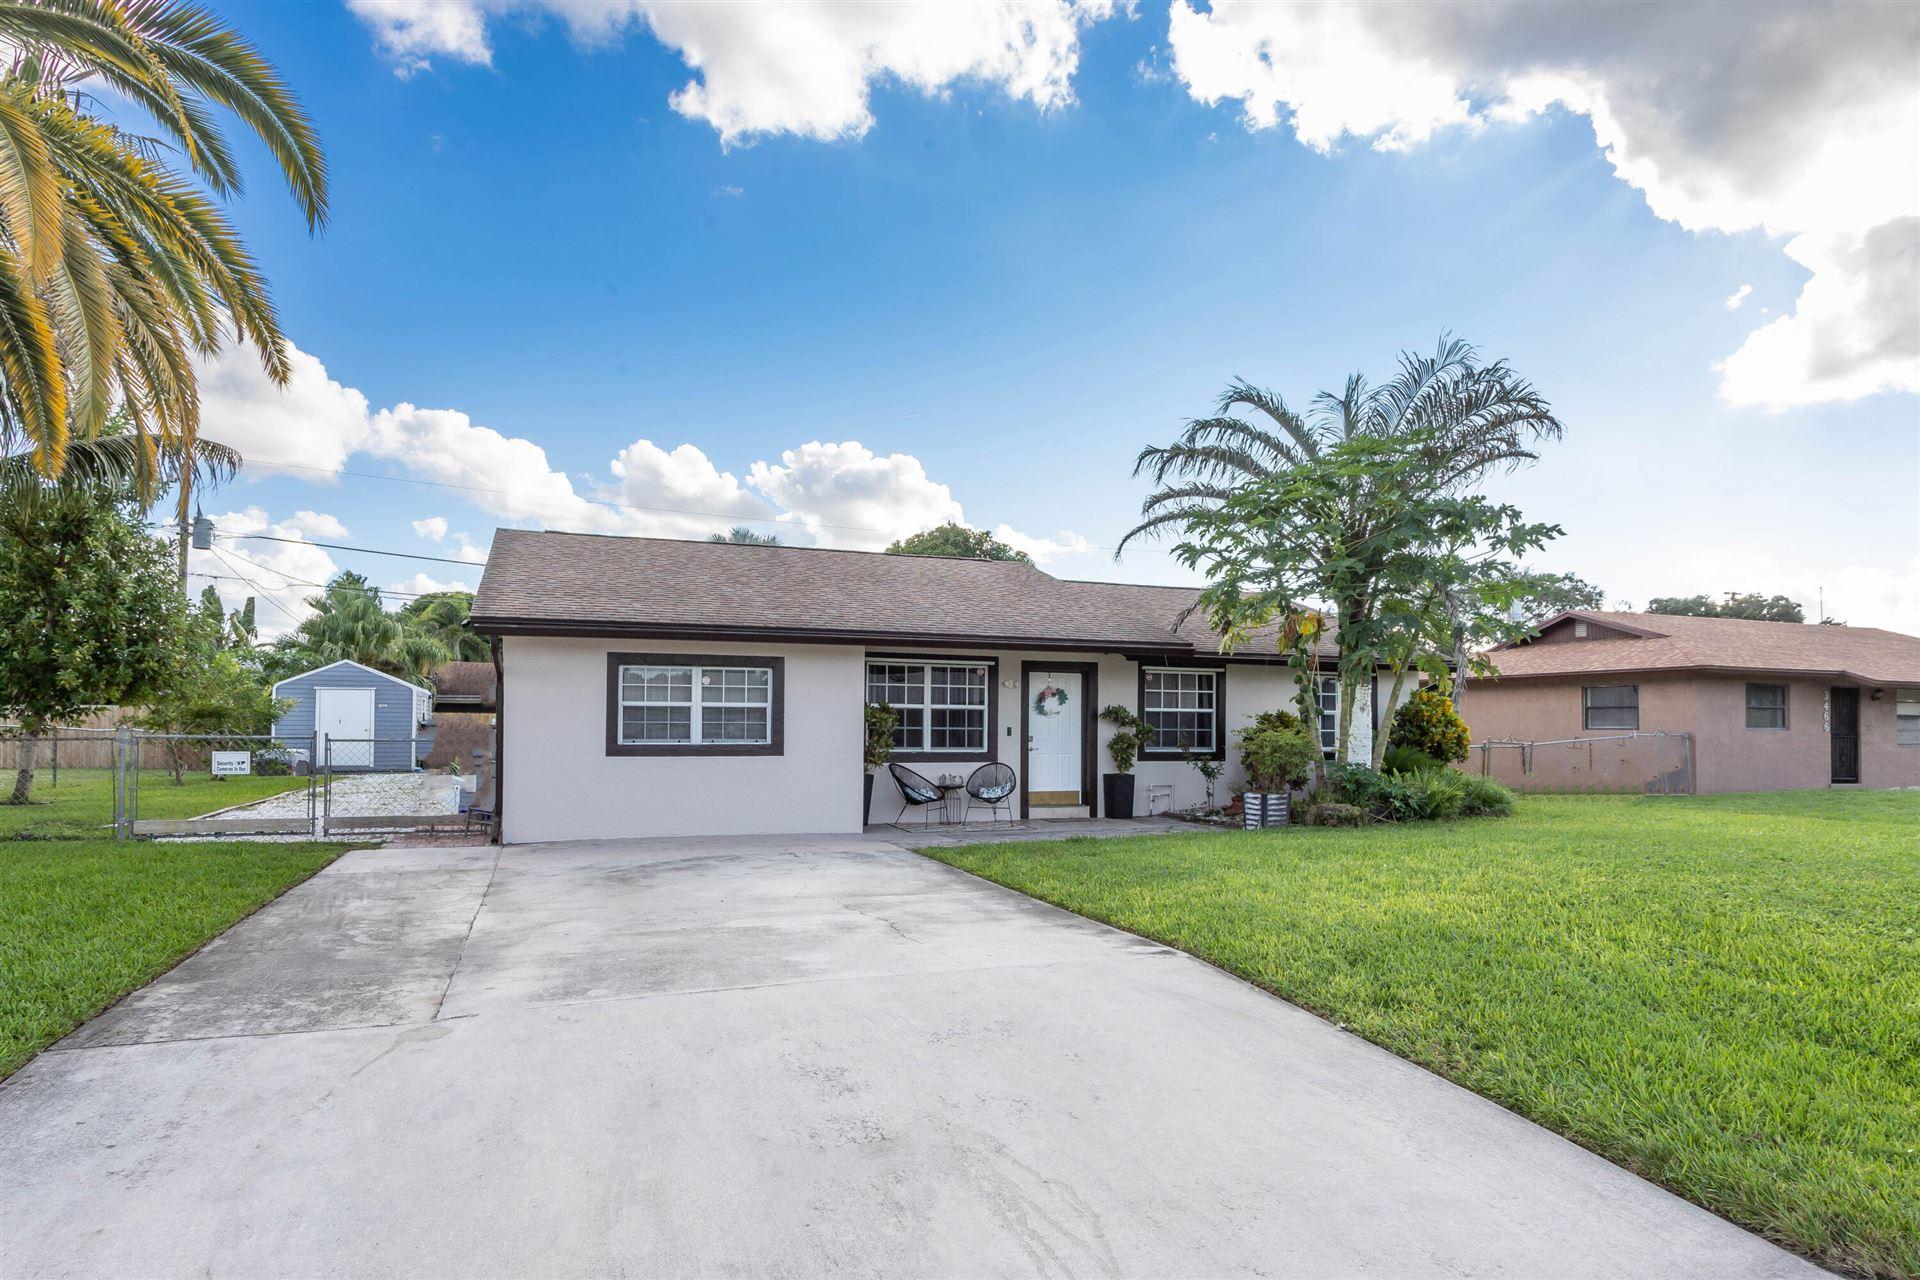 3464 Gondolier Way, Lake Worth, FL 33462 - MLS#: RX-10755078